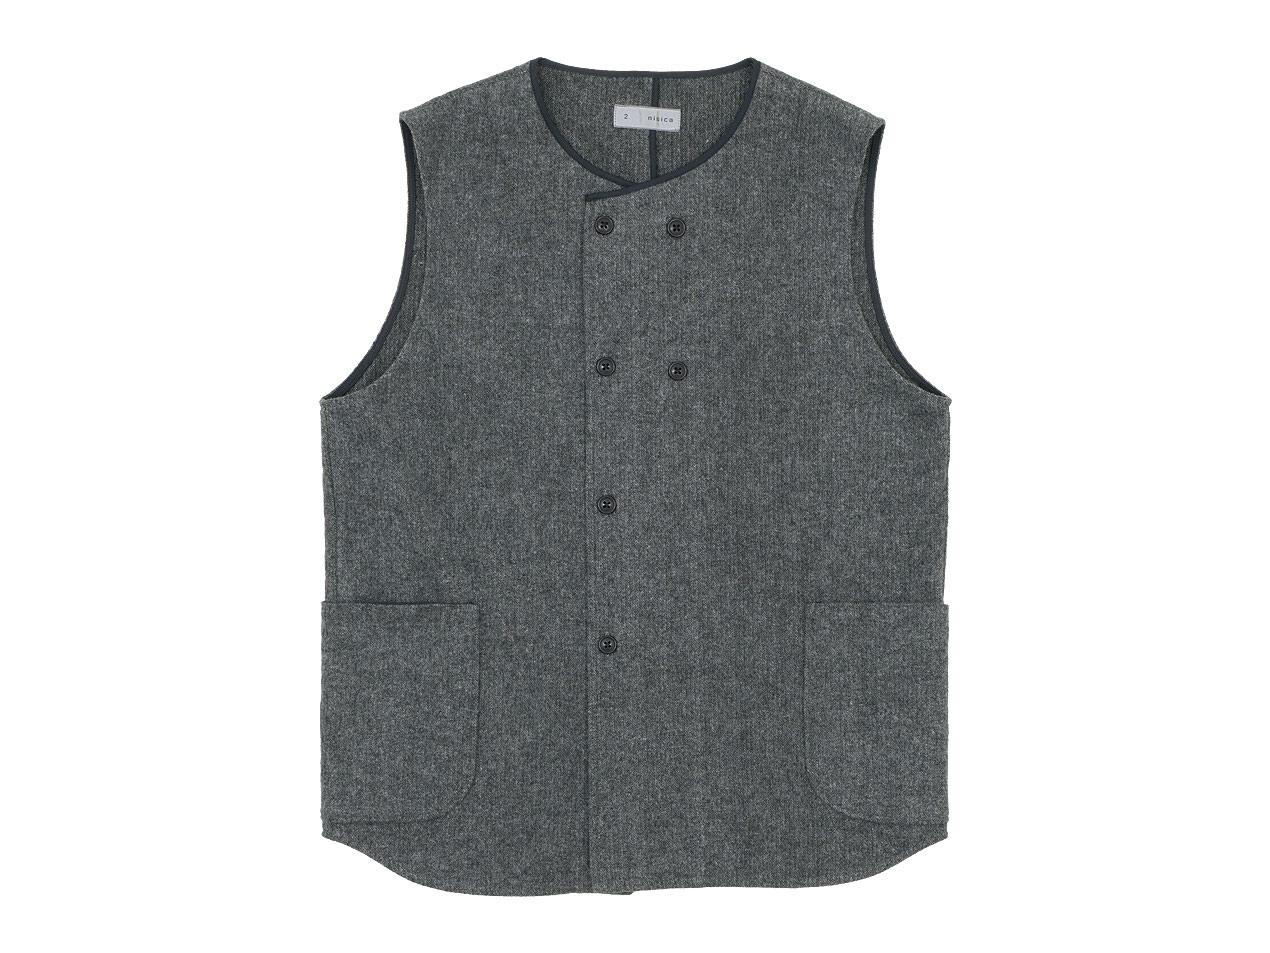 nisica ダブルボタンベスト / ルーズフィット ボタンダウンシャツ